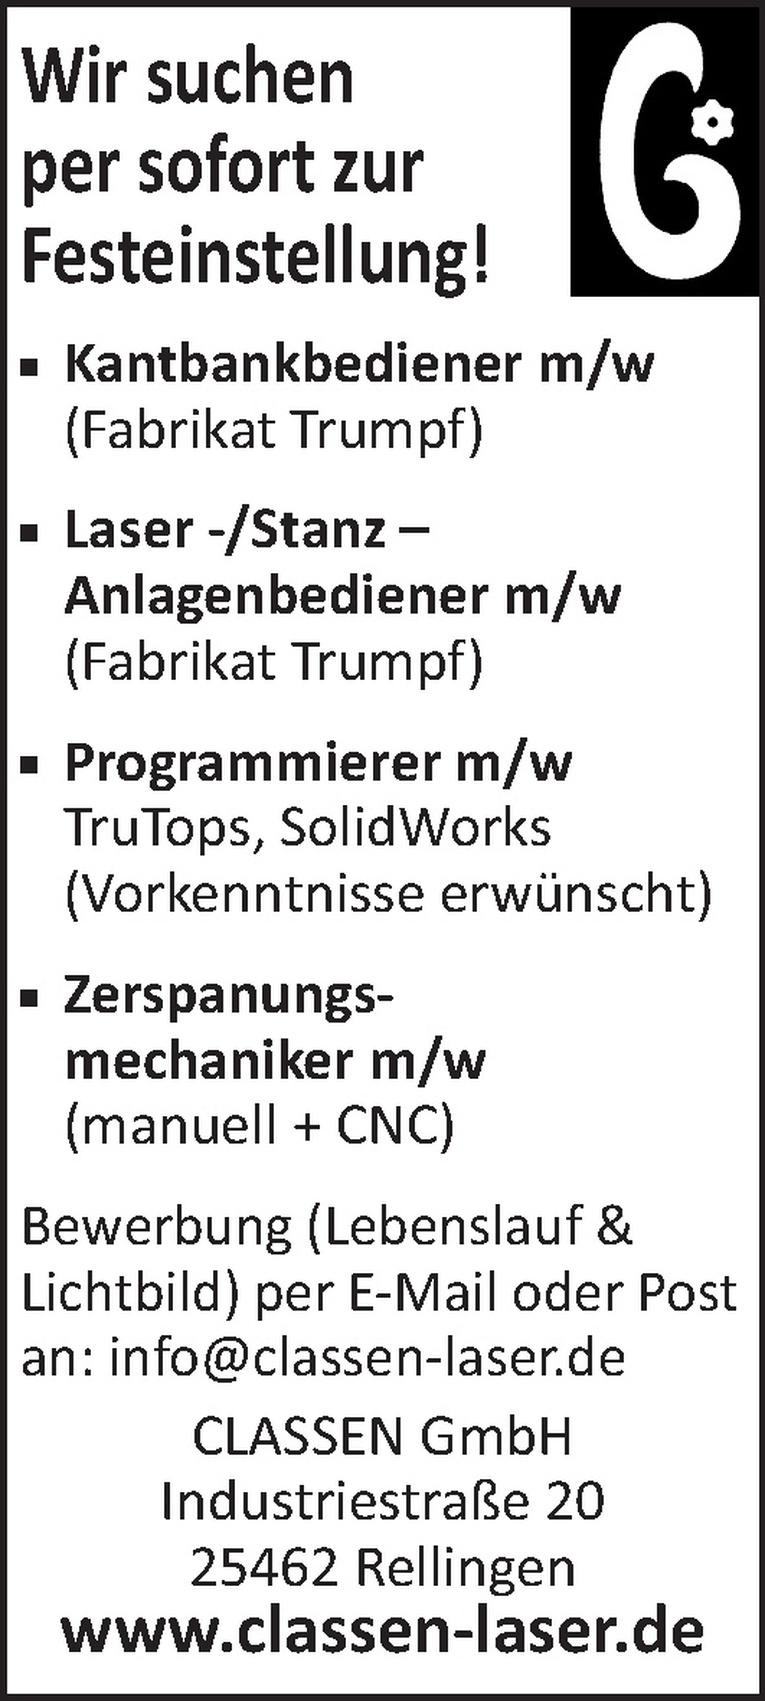 Programmierer m/w